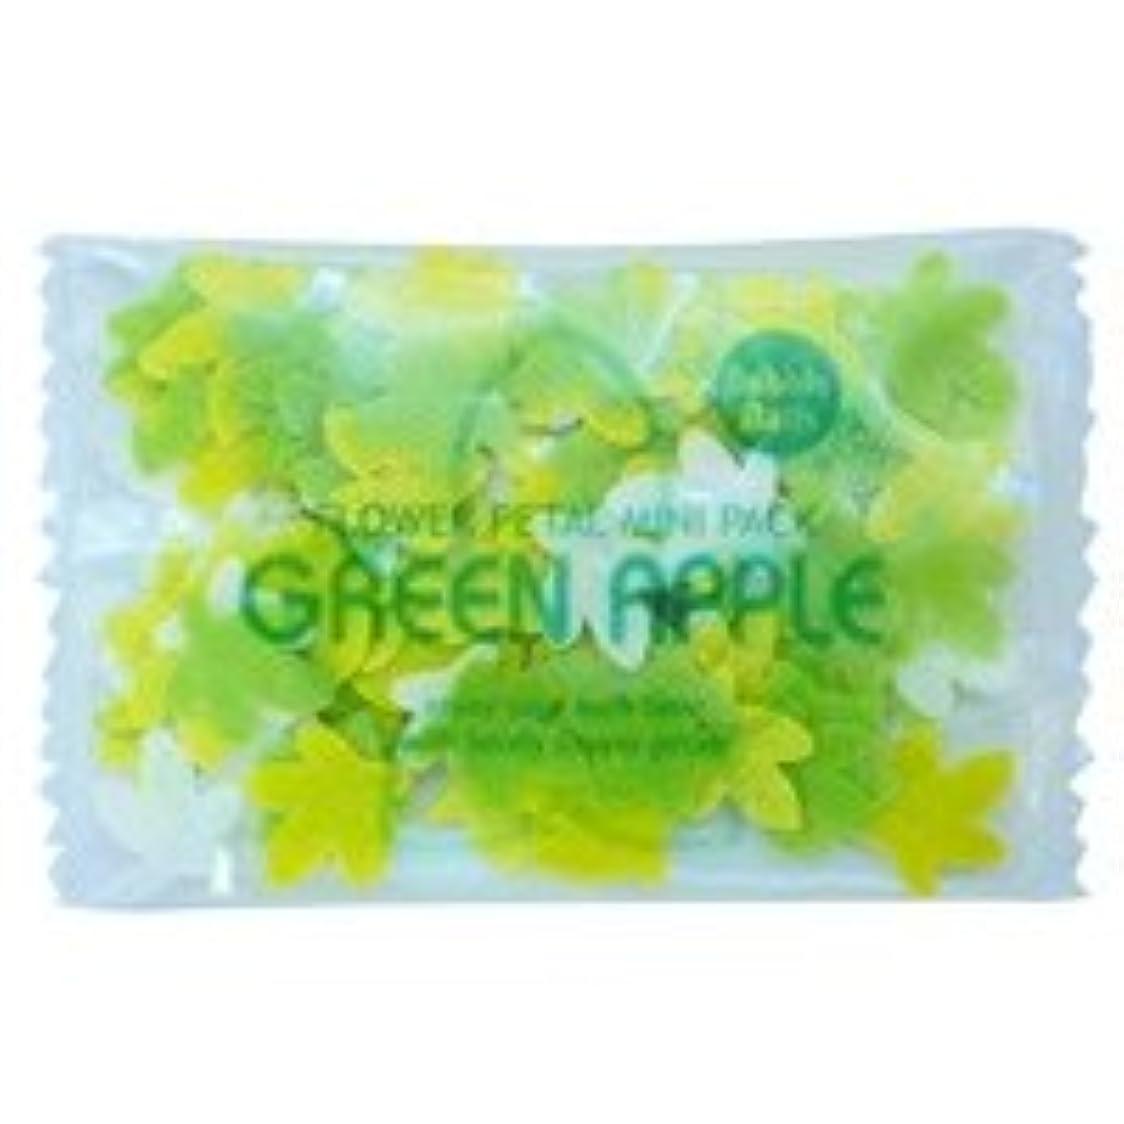 地図ファンタジー類推フラワーペタル バブルバス ミニパック「グリーンアップル」20個セット ストレスから解放されたい日に疲れた心を解きほぐしてくれるフレッシュなグリーンアップルの香り